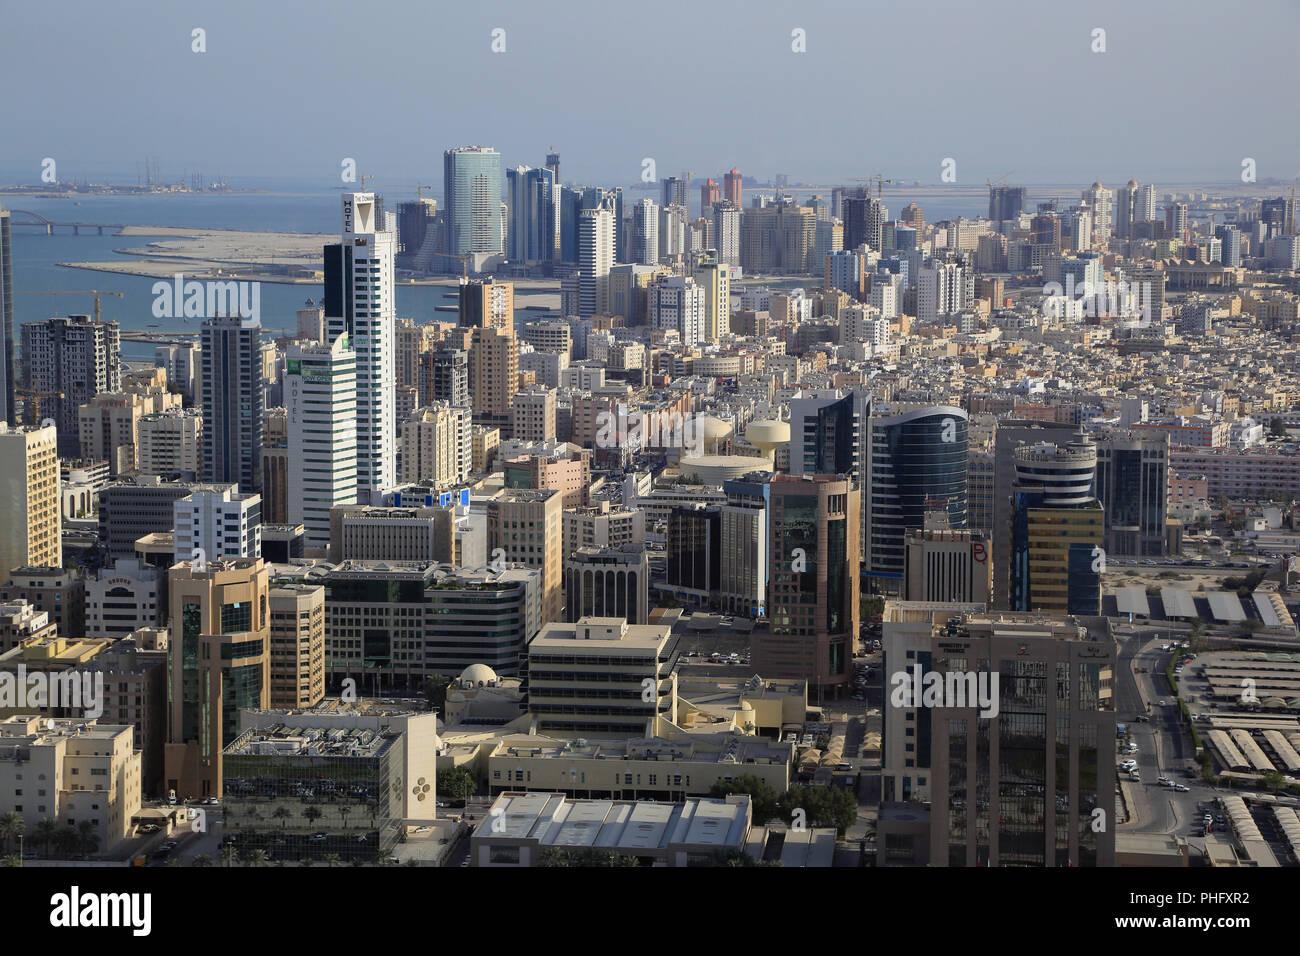 Distrito zona diplomática de Mamama, capital de Bahrein Imagen De Stock